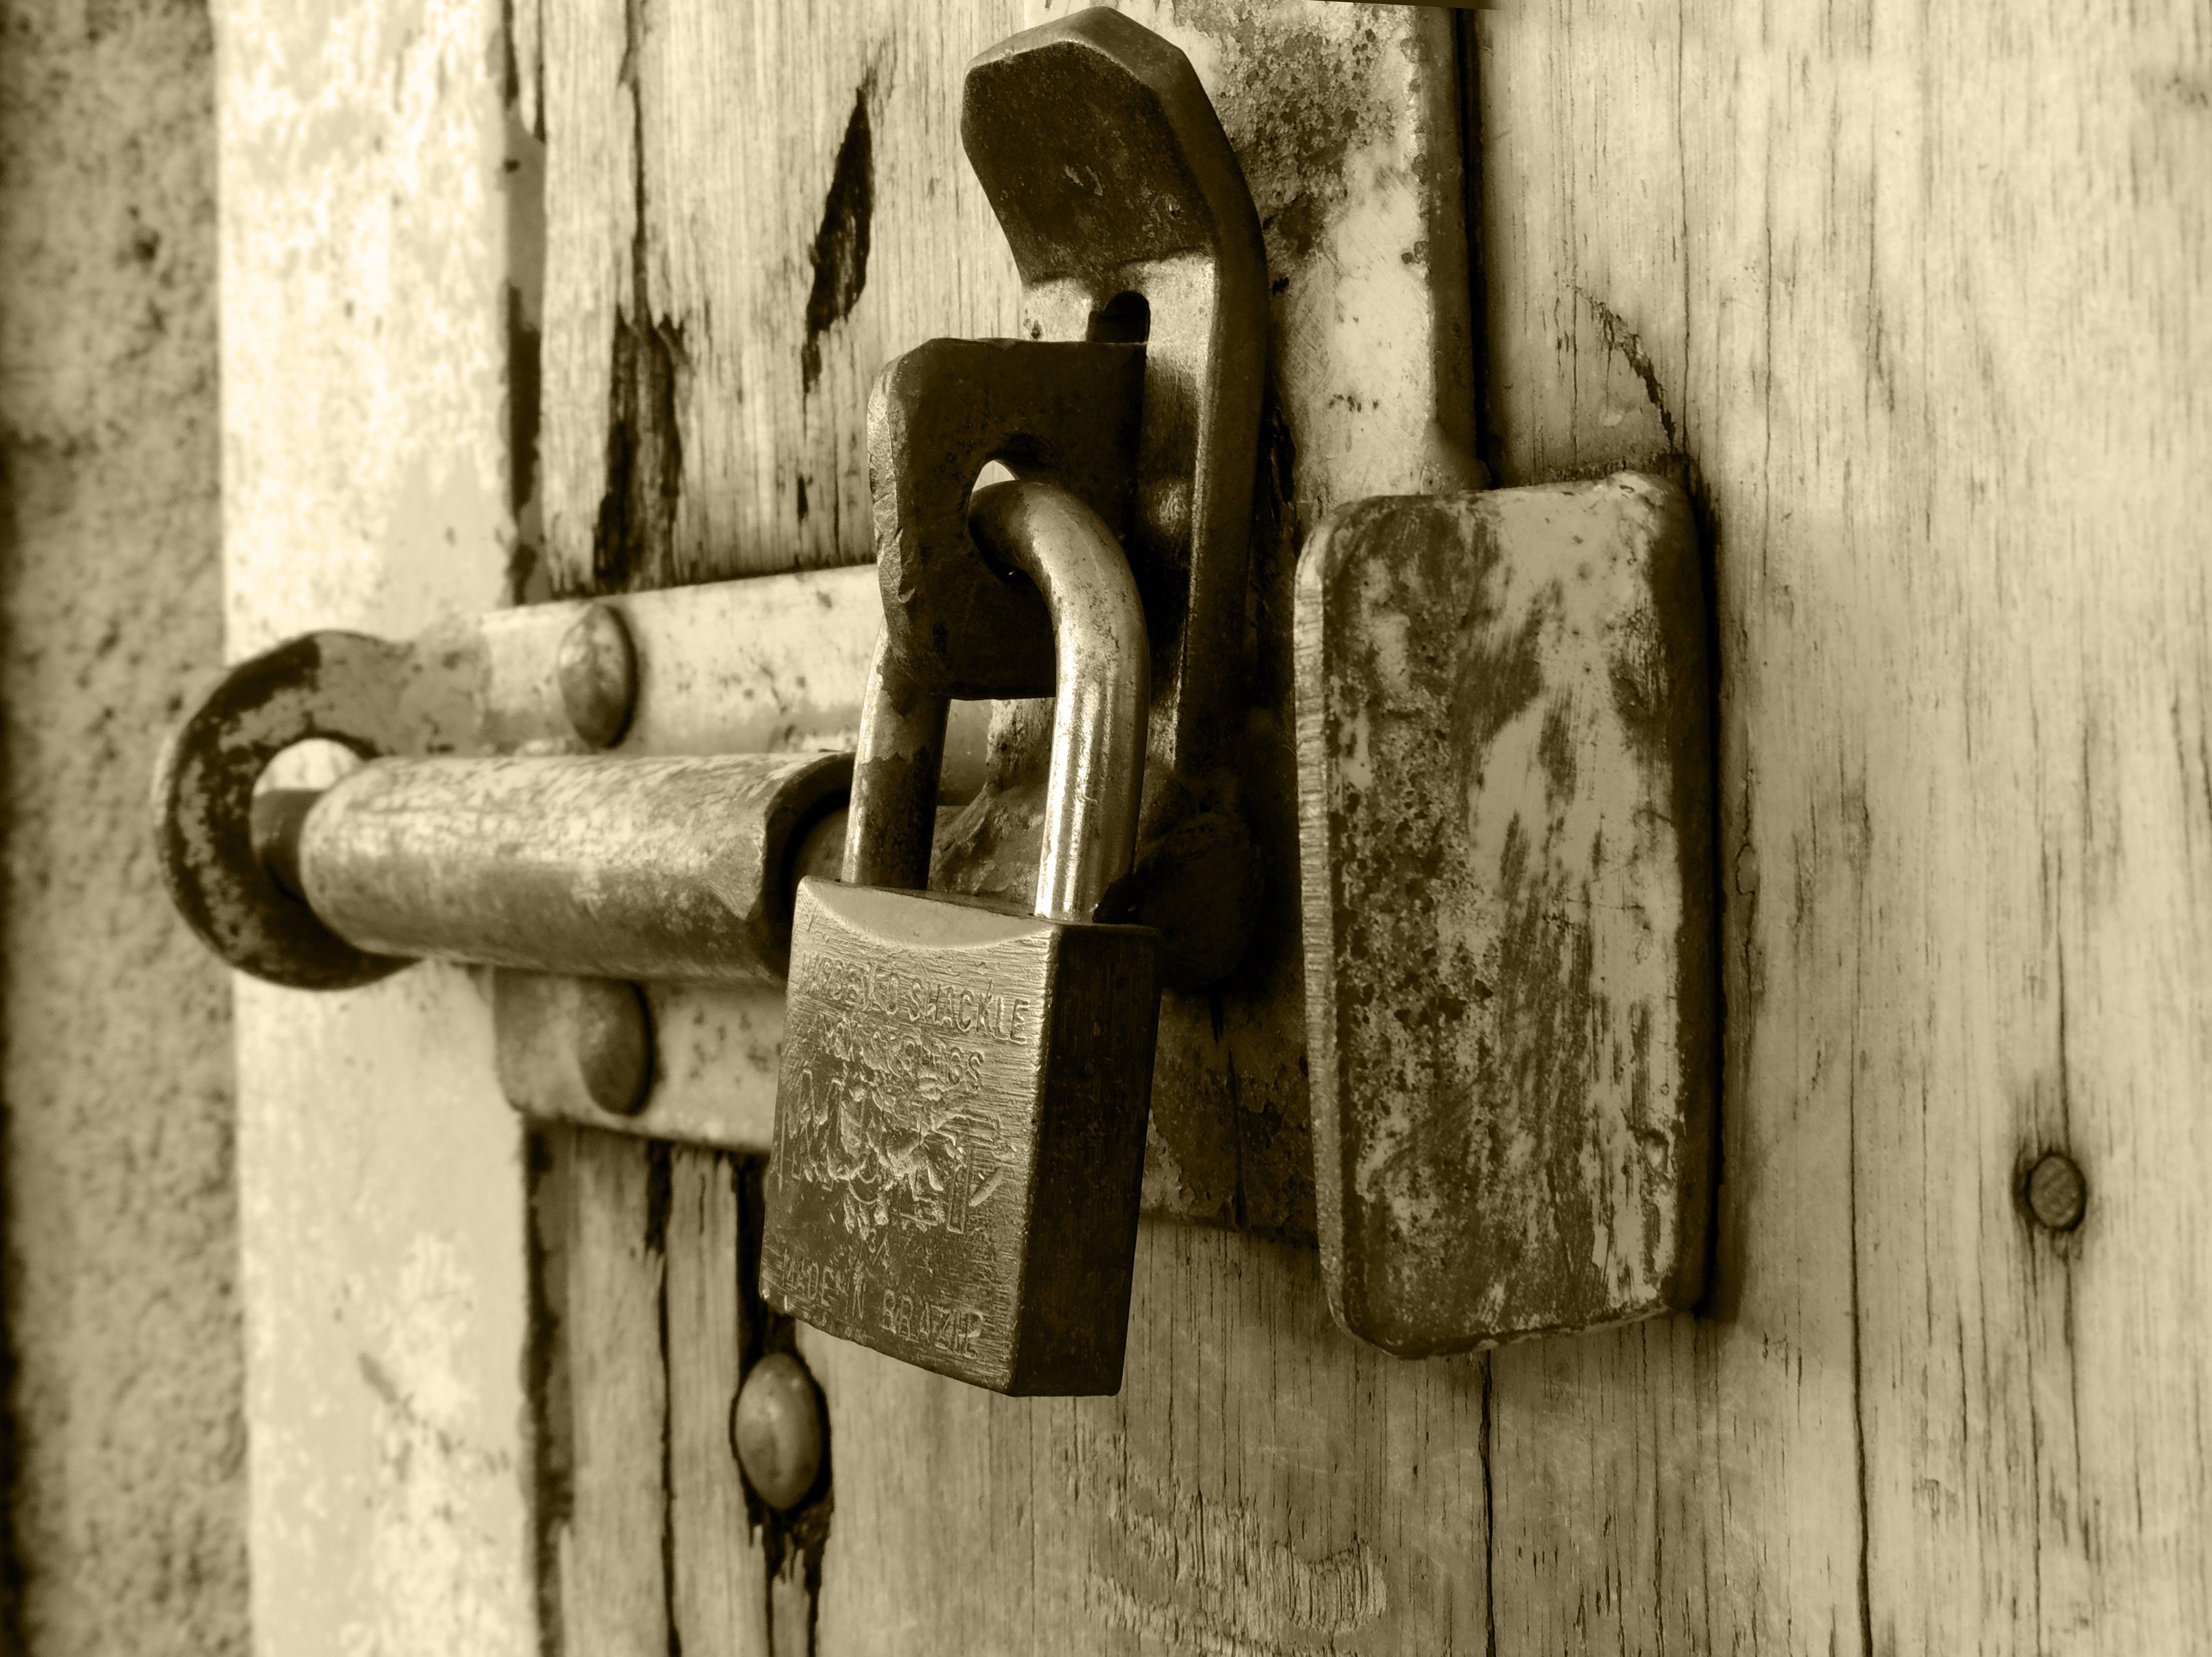 iron, latch, lock